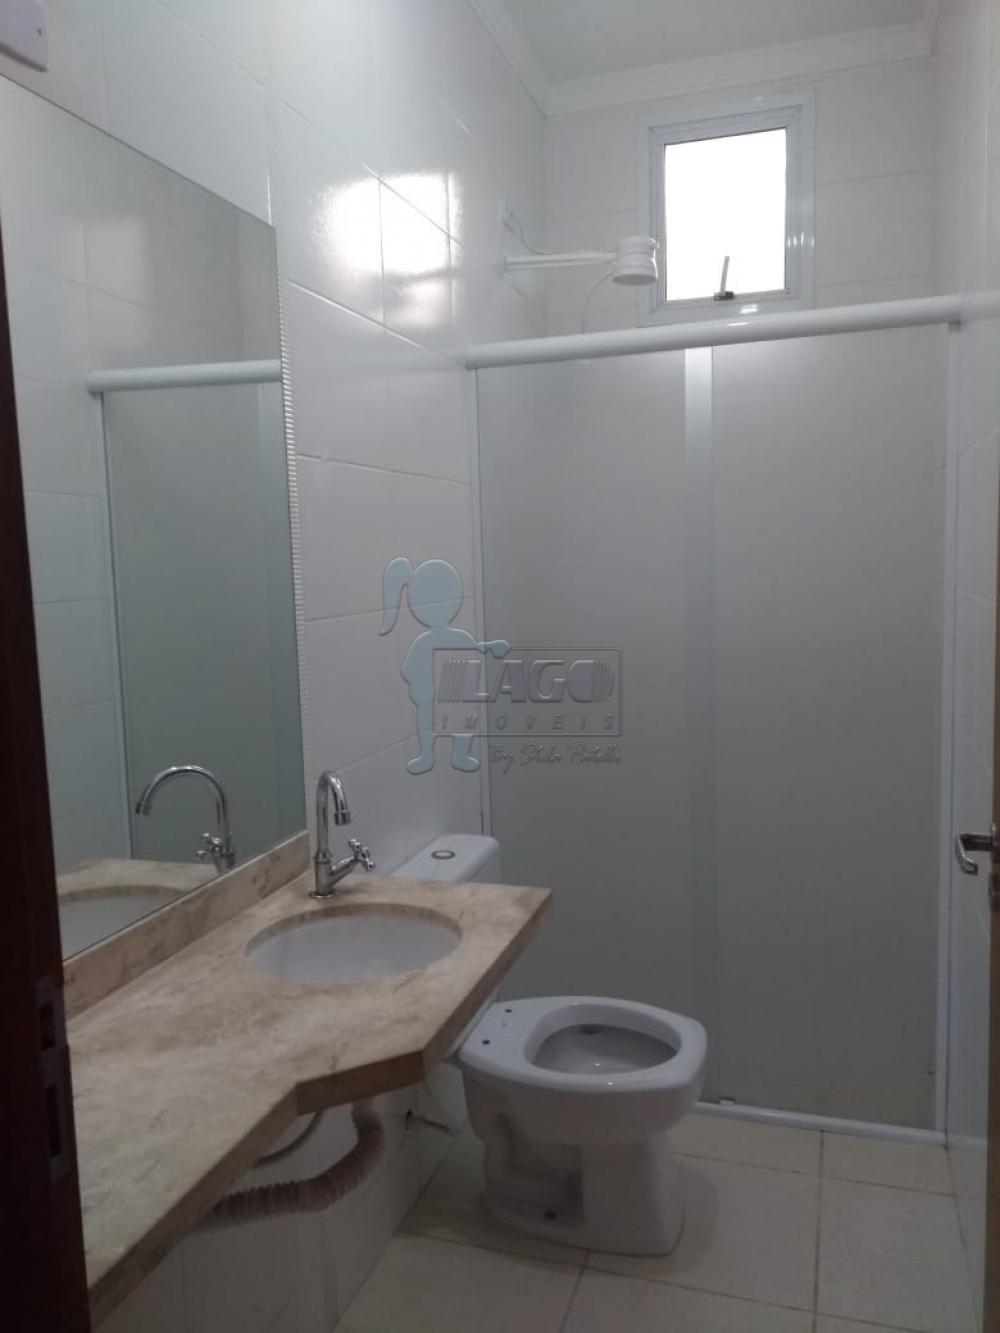 Comprar Apartamento / Padrão em Ribeirão Preto apenas R$ 195.000,00 - Foto 12